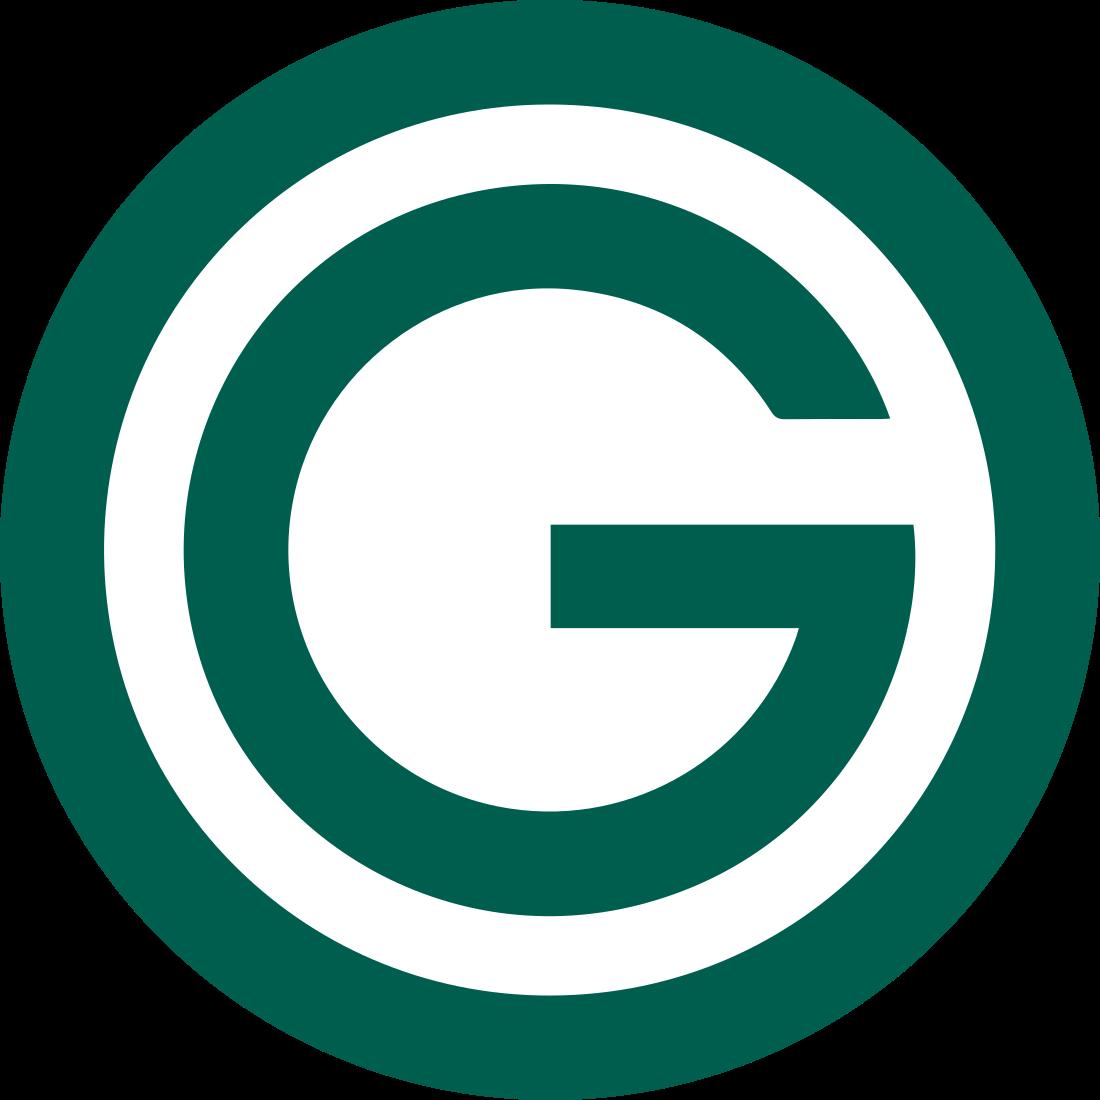 goias logo escudo 3 1 - Goiás EC Logo